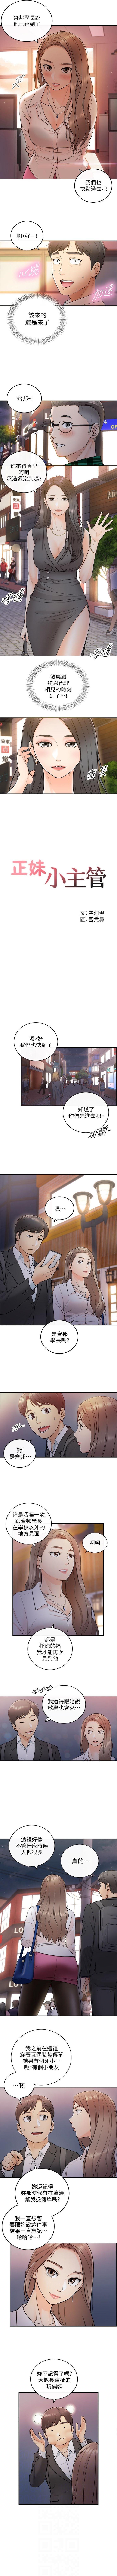 (周5)正妹小主管 1-26 中文翻译(更新中) 77